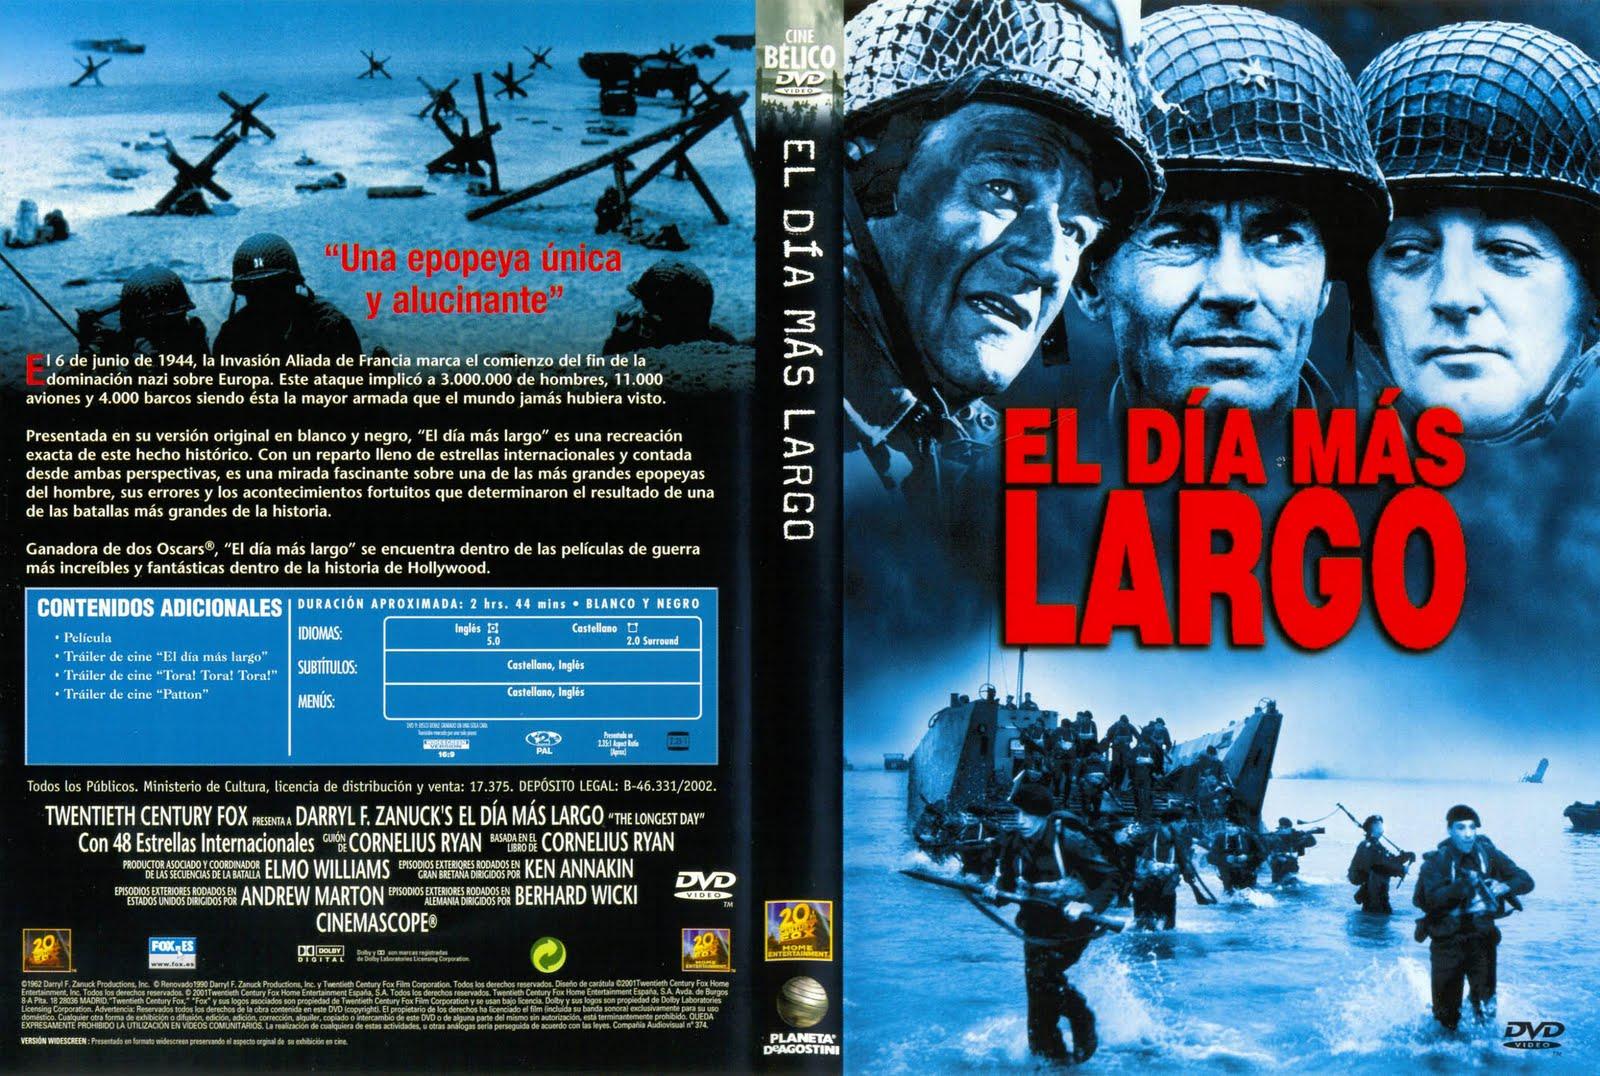 El día más largo (1962 - The Longest Day)